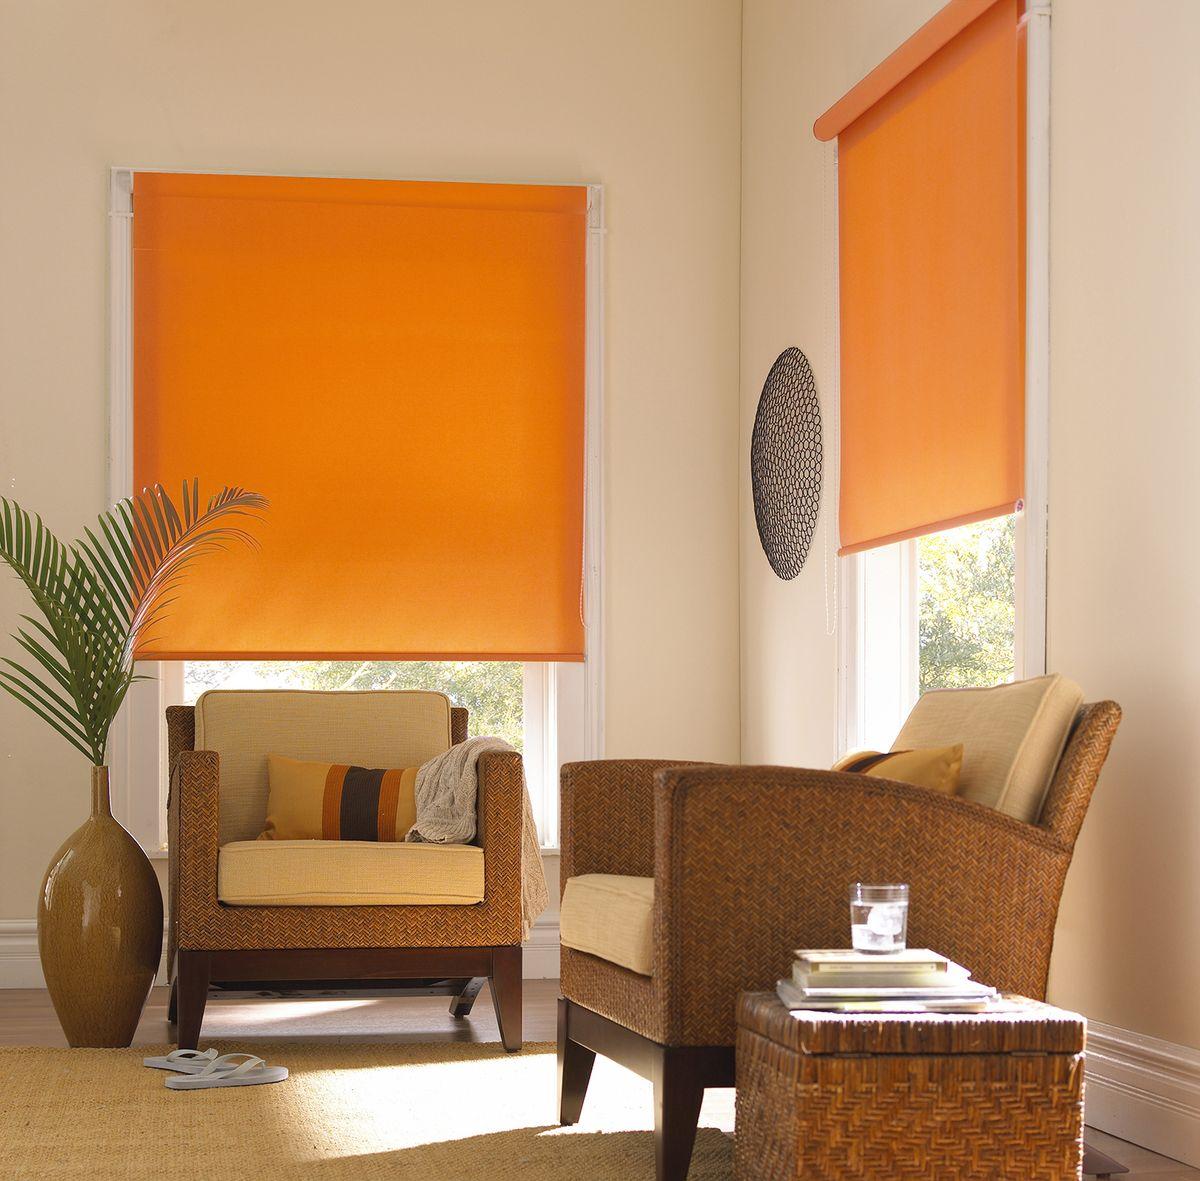 Штора рулонная Эскар Миниролло, цвет: апельсин, ширина 48 см, высота 170 см31203048170Рулонная штора Эскар Миниролло выполнена из высокопрочной ткани, которая сохраняет свой размер даже при намокании. Ткань не выцветает и обладает отличной цветоустойчивостью. Миниролло - это подвид рулонных штор, который закрывает не весь оконный проем, а непосредственно само стекло. Такие шторы крепятся на раму без сверления при помощи зажимов или клейкой двухсторонней ленты (в комплекте). Окно остается на гарантии, благодаря монтажу без сверления. Такая штора станет прекрасным элементом декора окна и гармонично впишется в интерьер любого помещения.